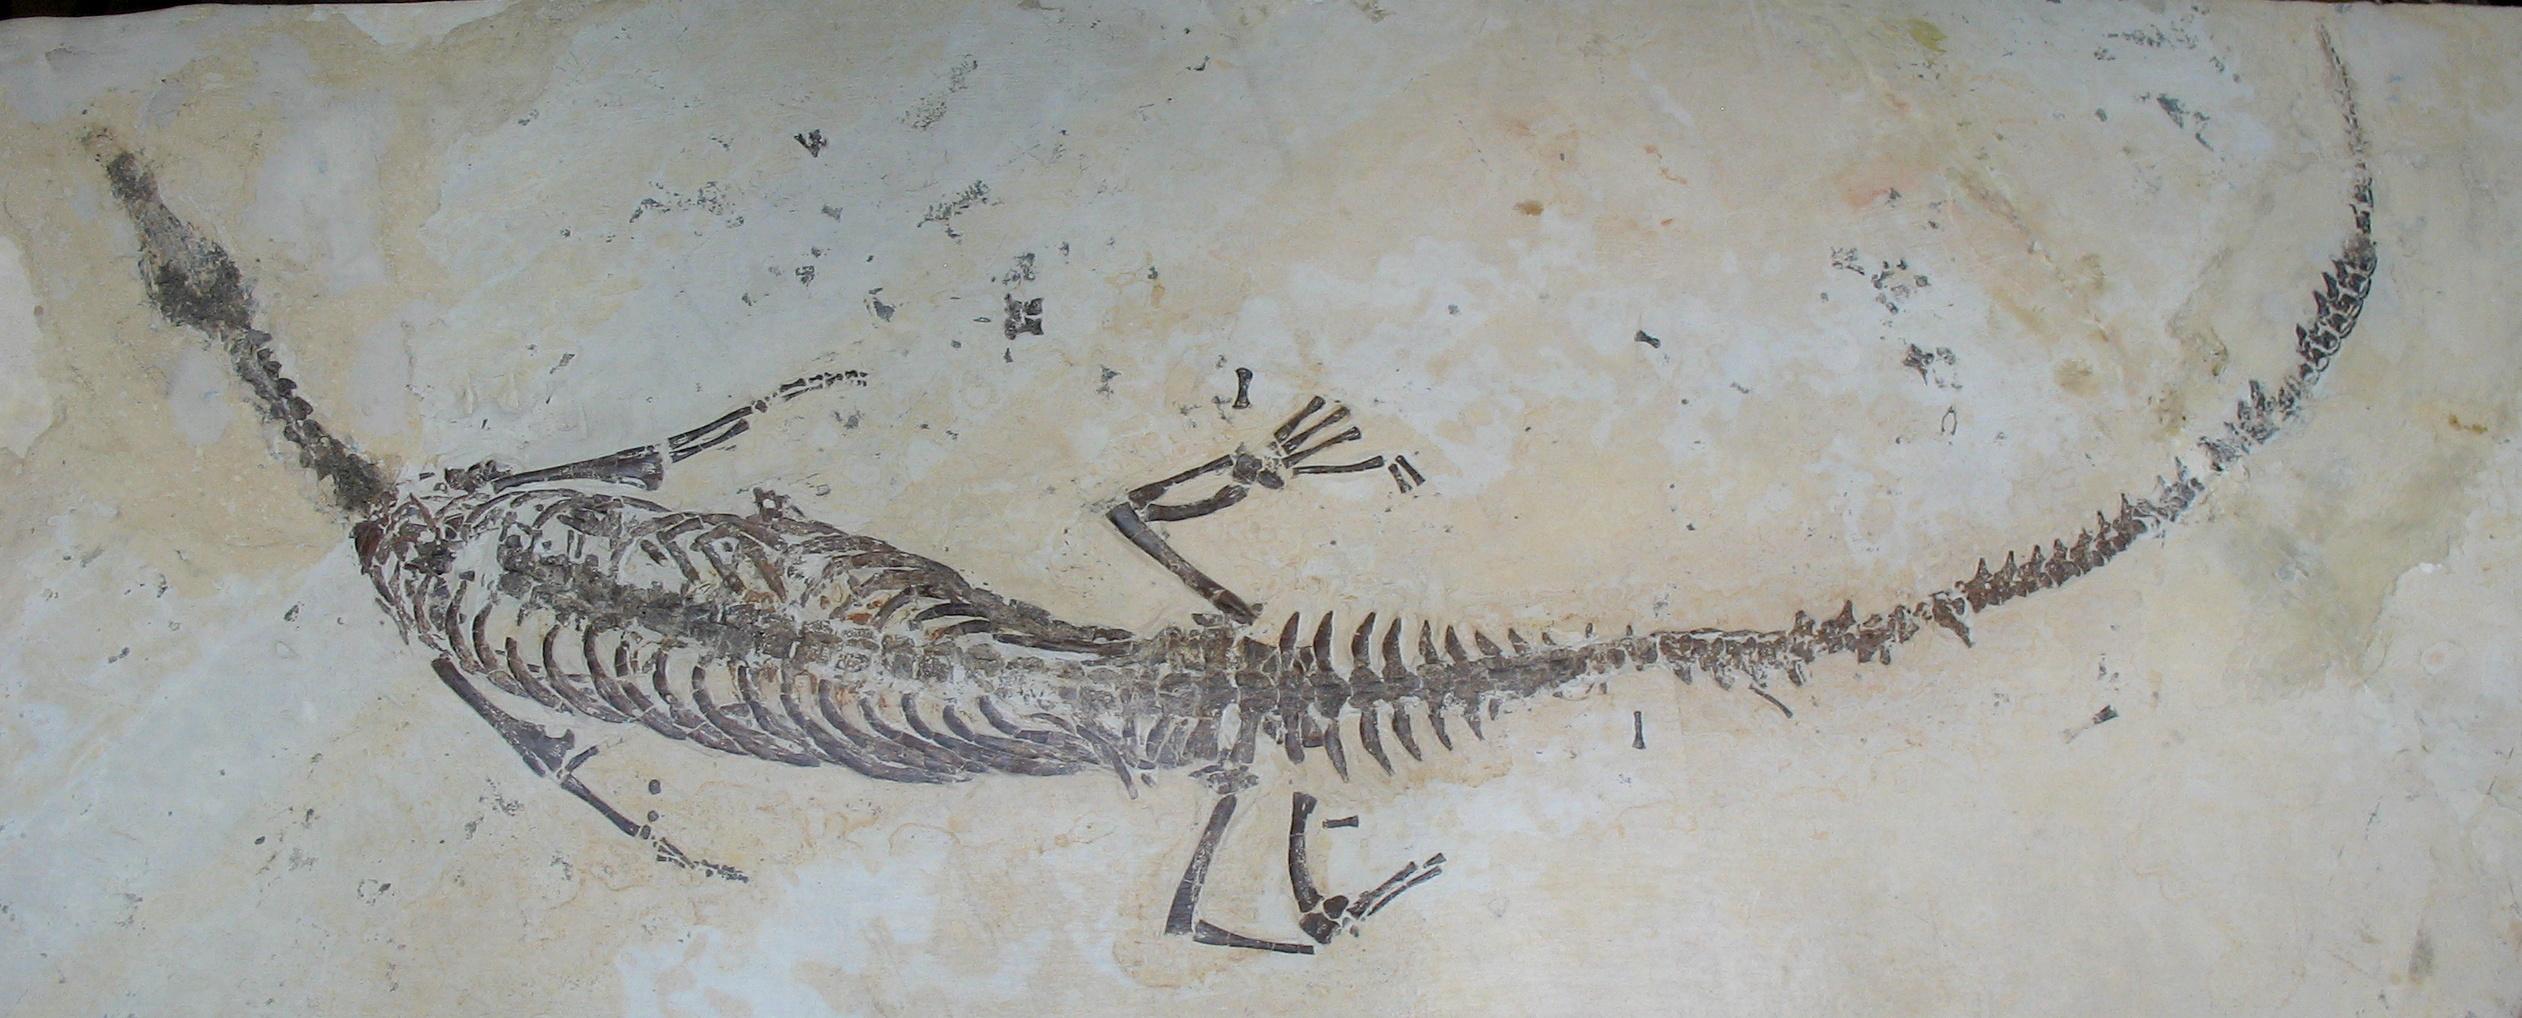 File:Mesosaurus brasiliensis - Permian - Sao Paulo, Brasil ...